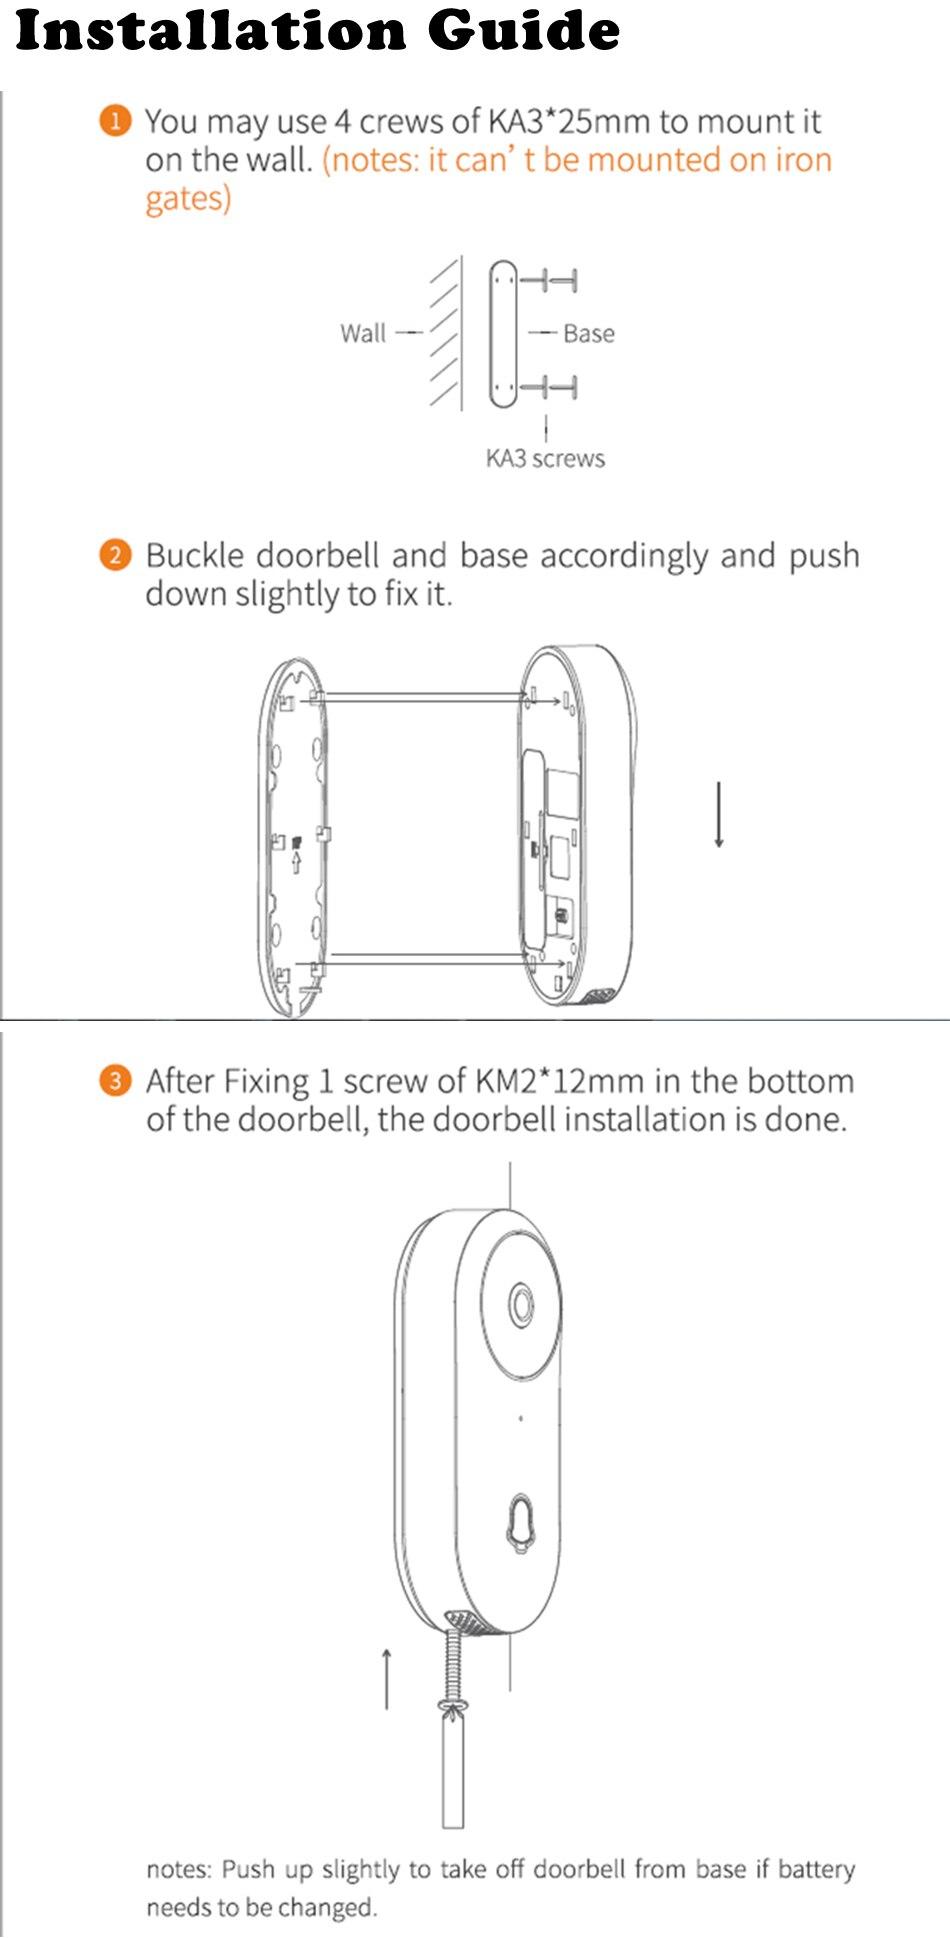 DV200 Installation Guide